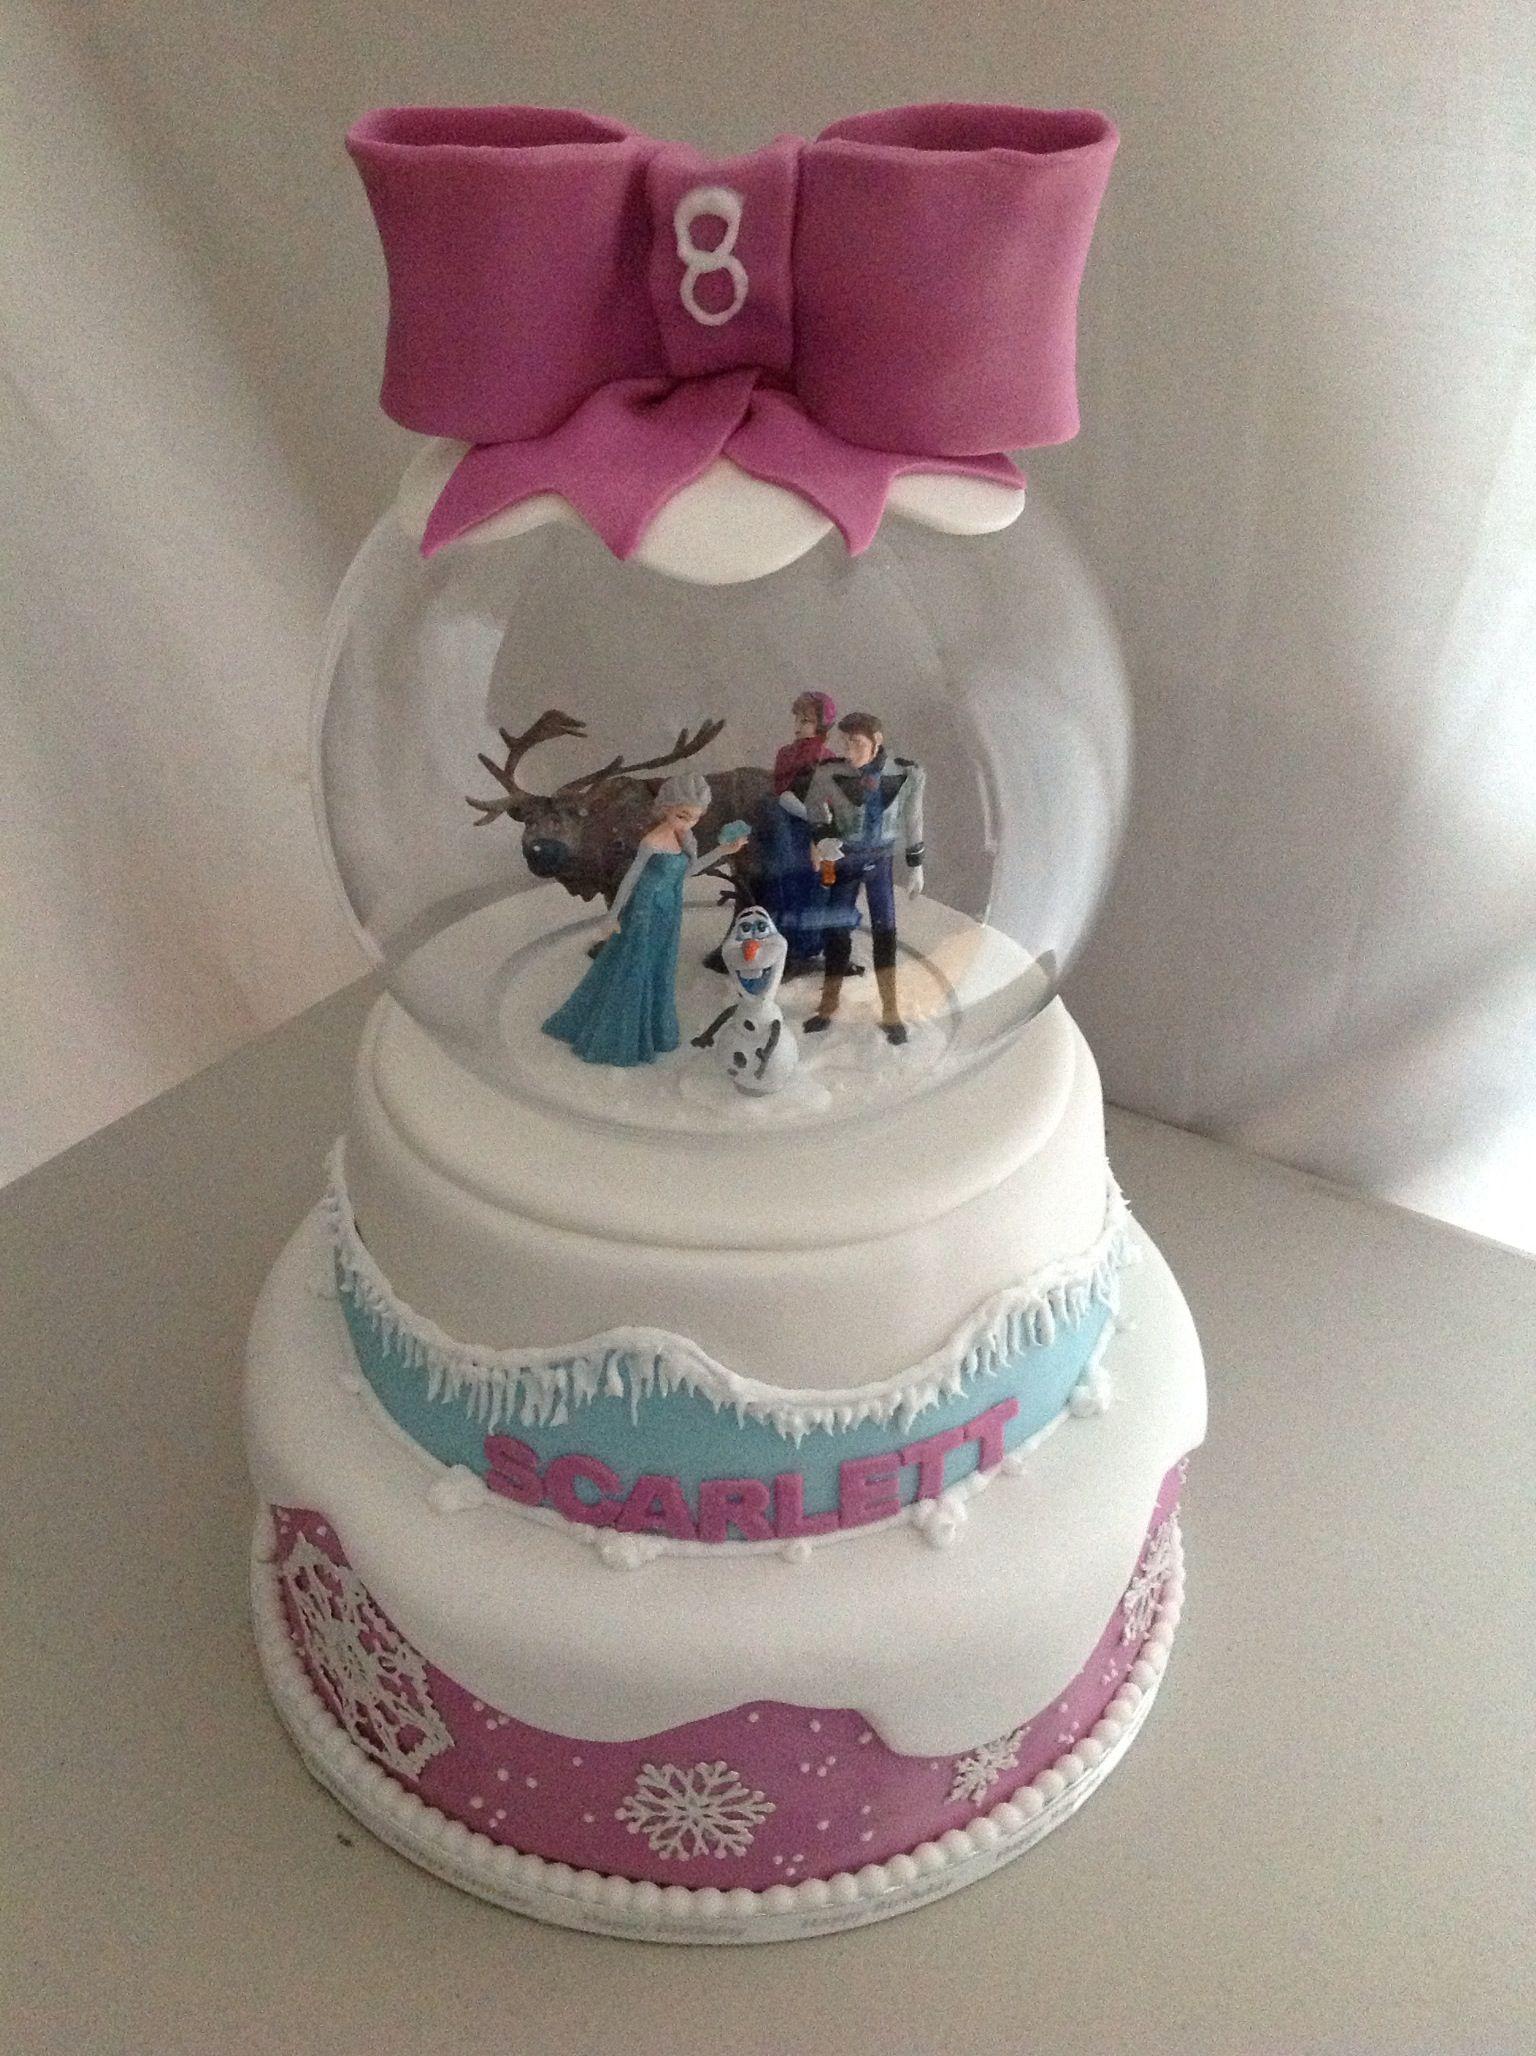 Disney frozen cake with snow globe by wwwjojocupcakescouk